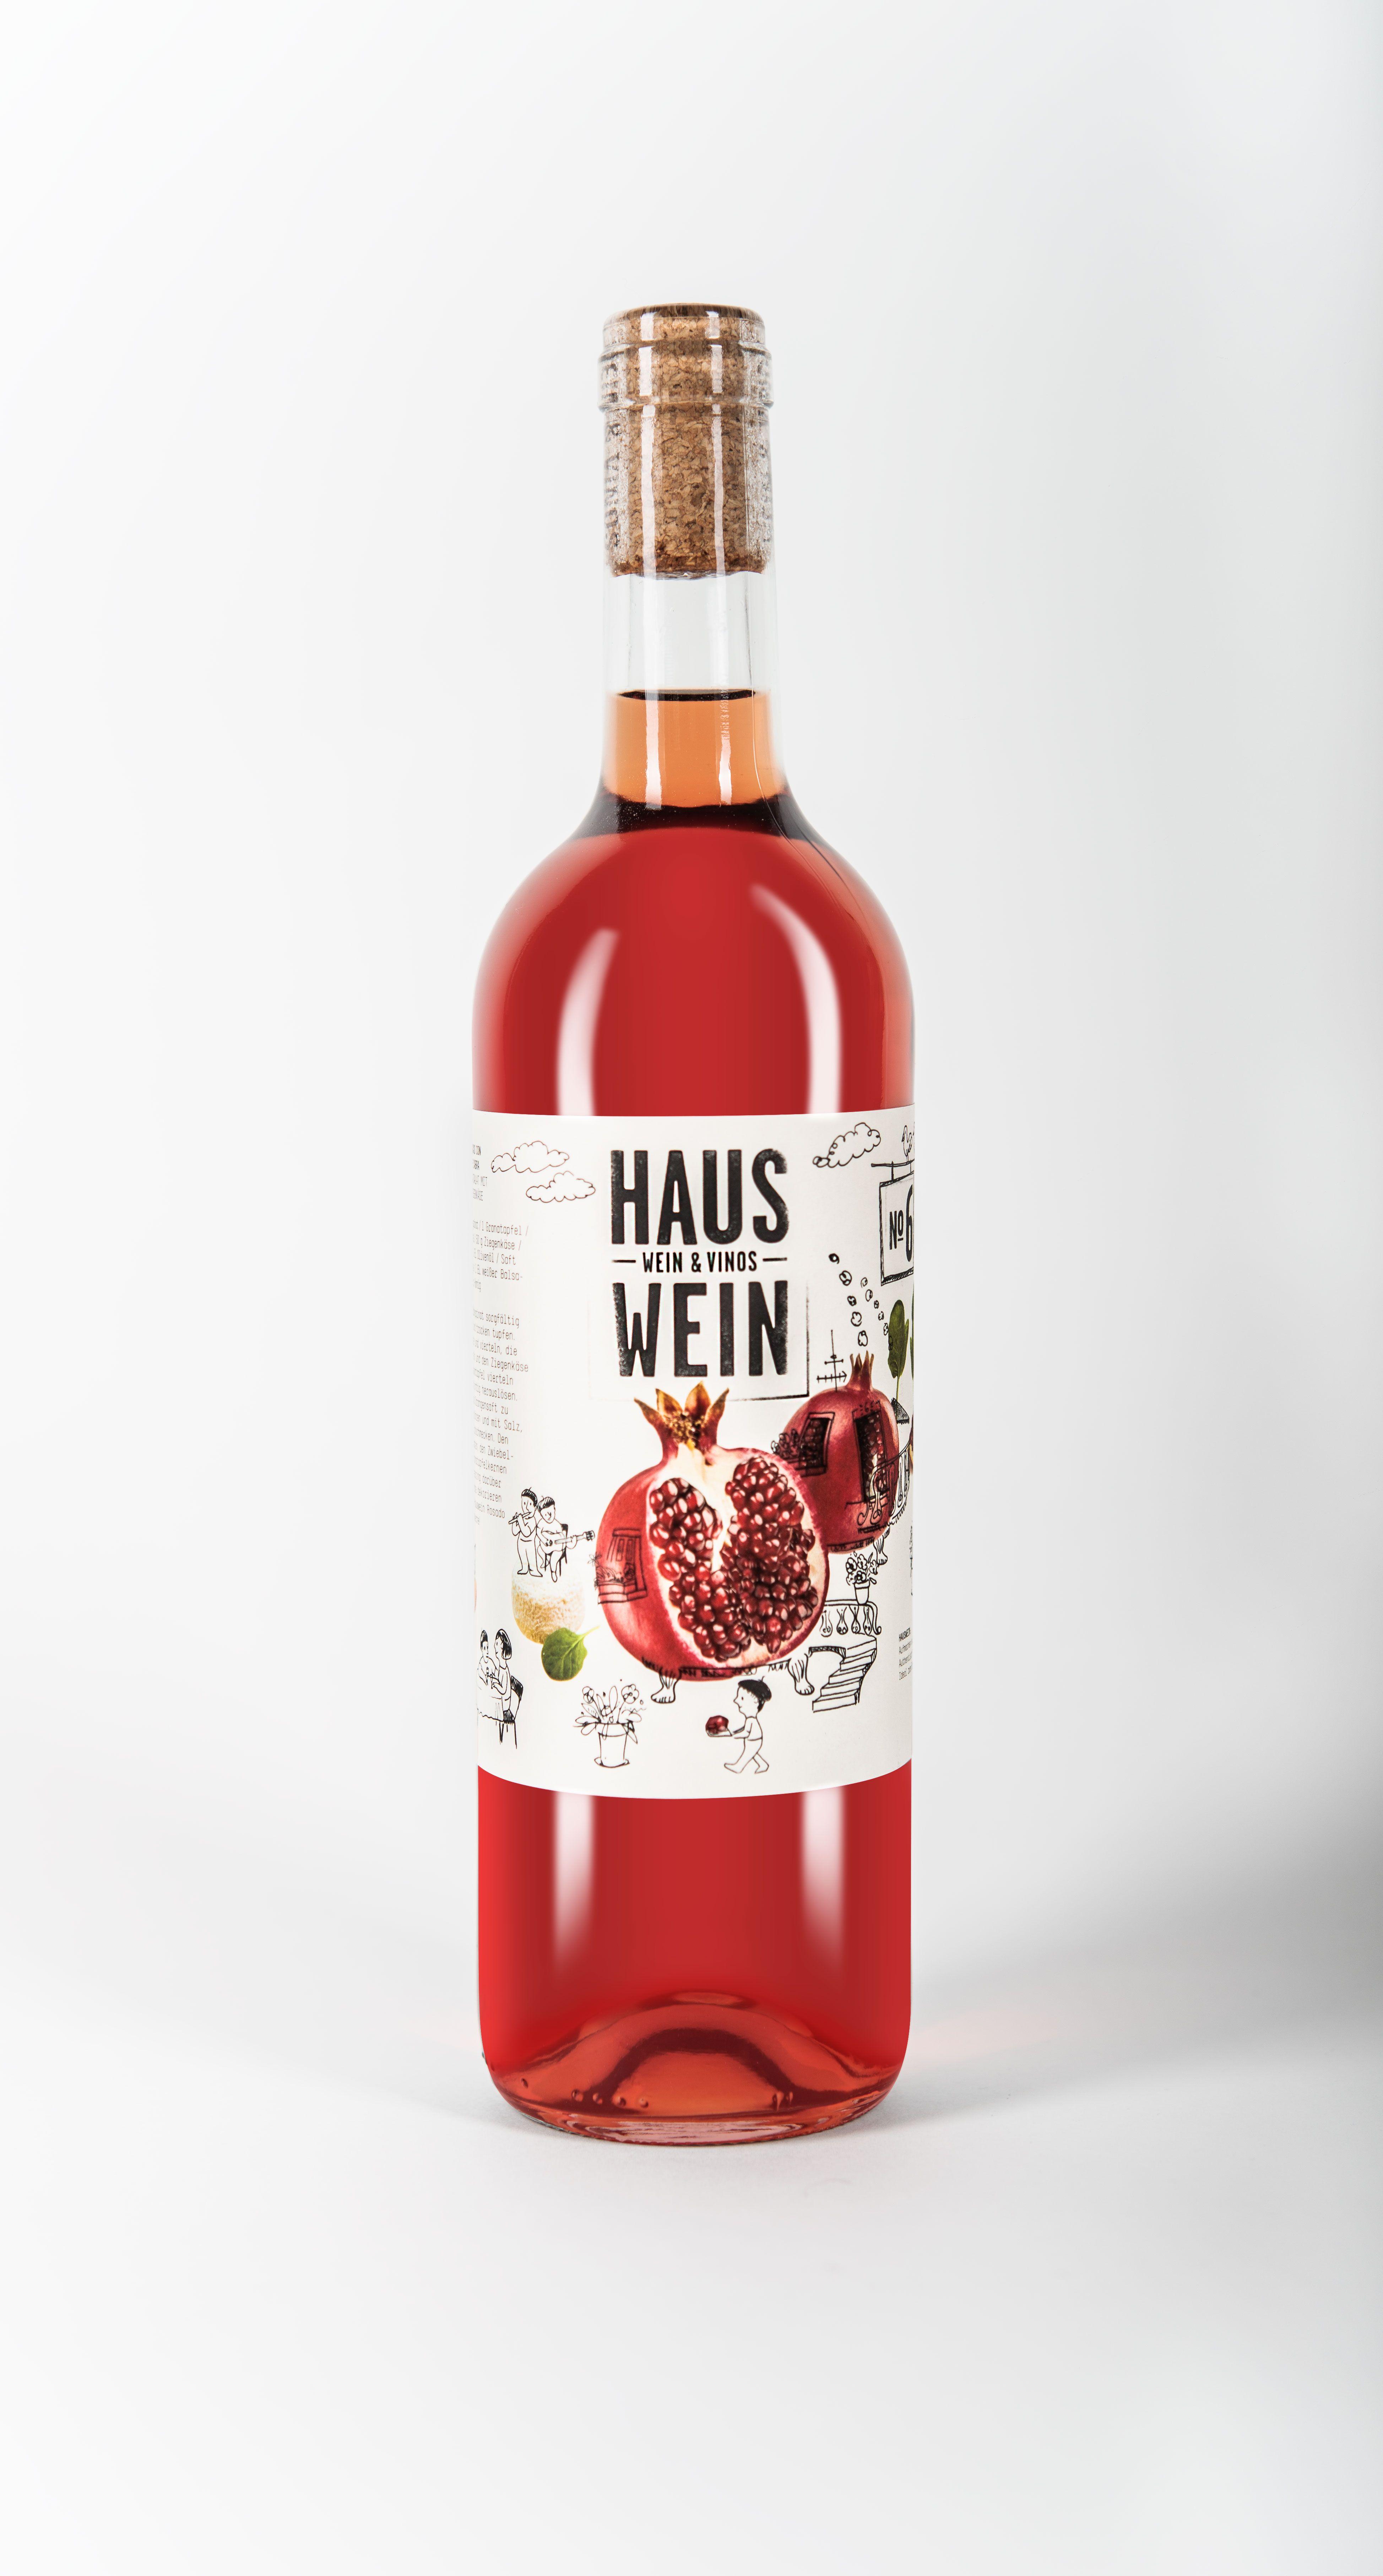 Pin Von Mellene Templates Auf Package Design Weinmarken Wein Trinken Wein Geschenke